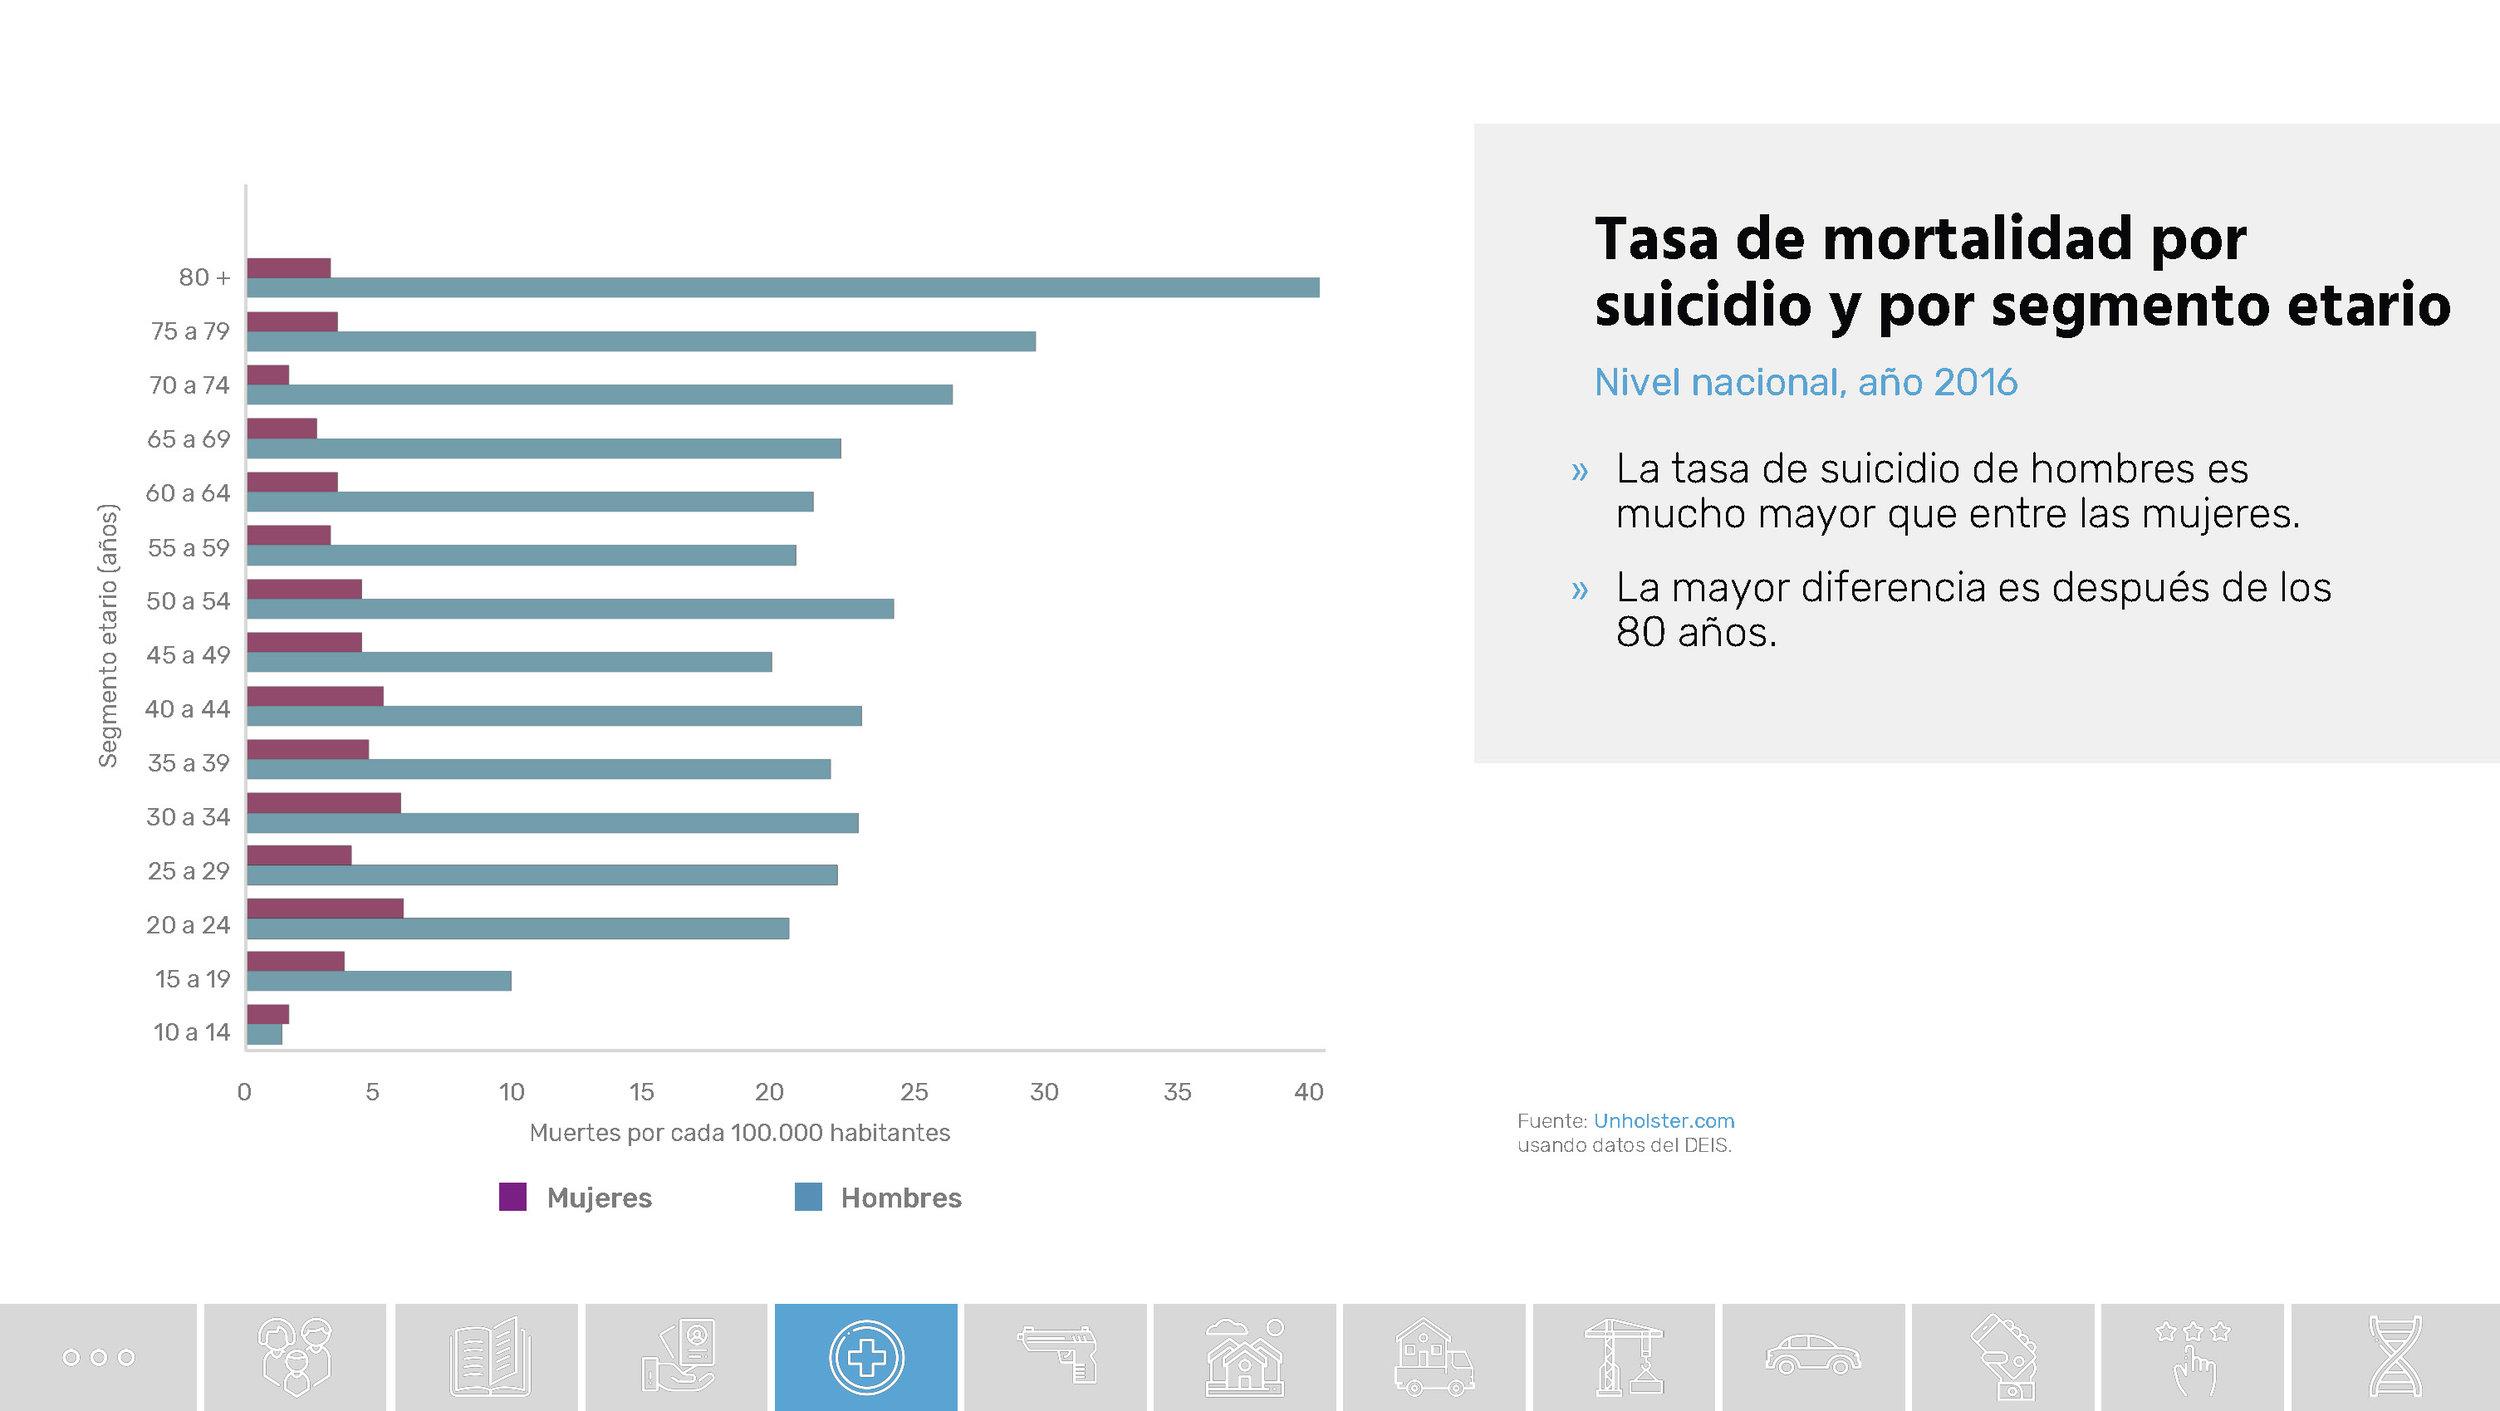 Chile_Datos de una transformacion social_Unholster_Página_43.jpg